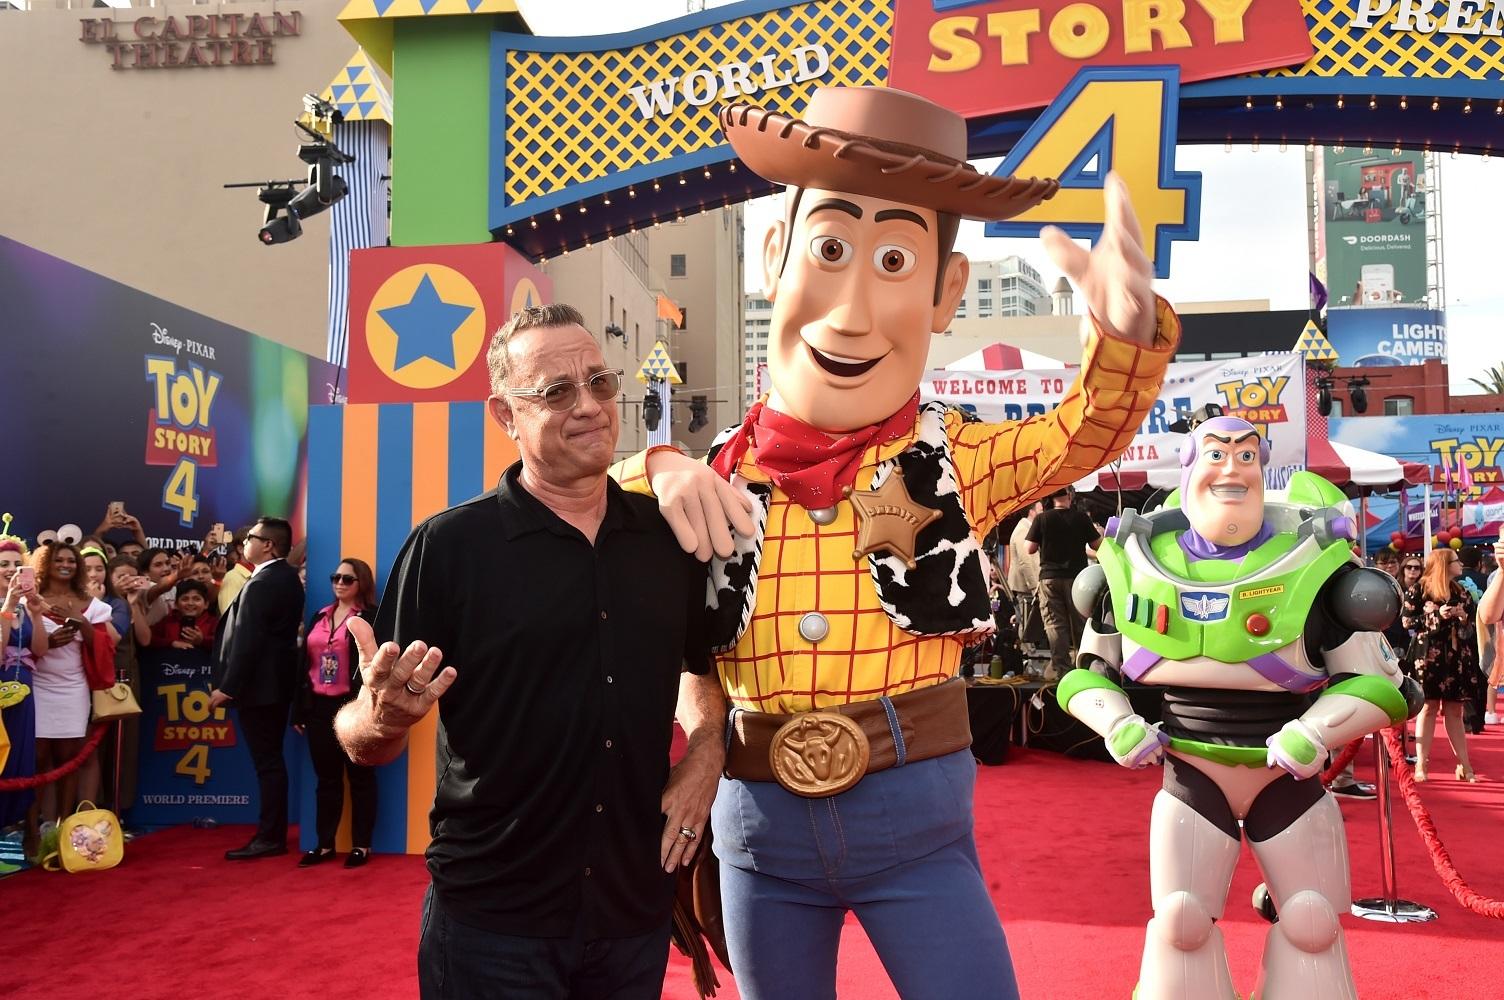 トム・ハンクス (C)2019 Disney/Pixar. All Rights Reserved.